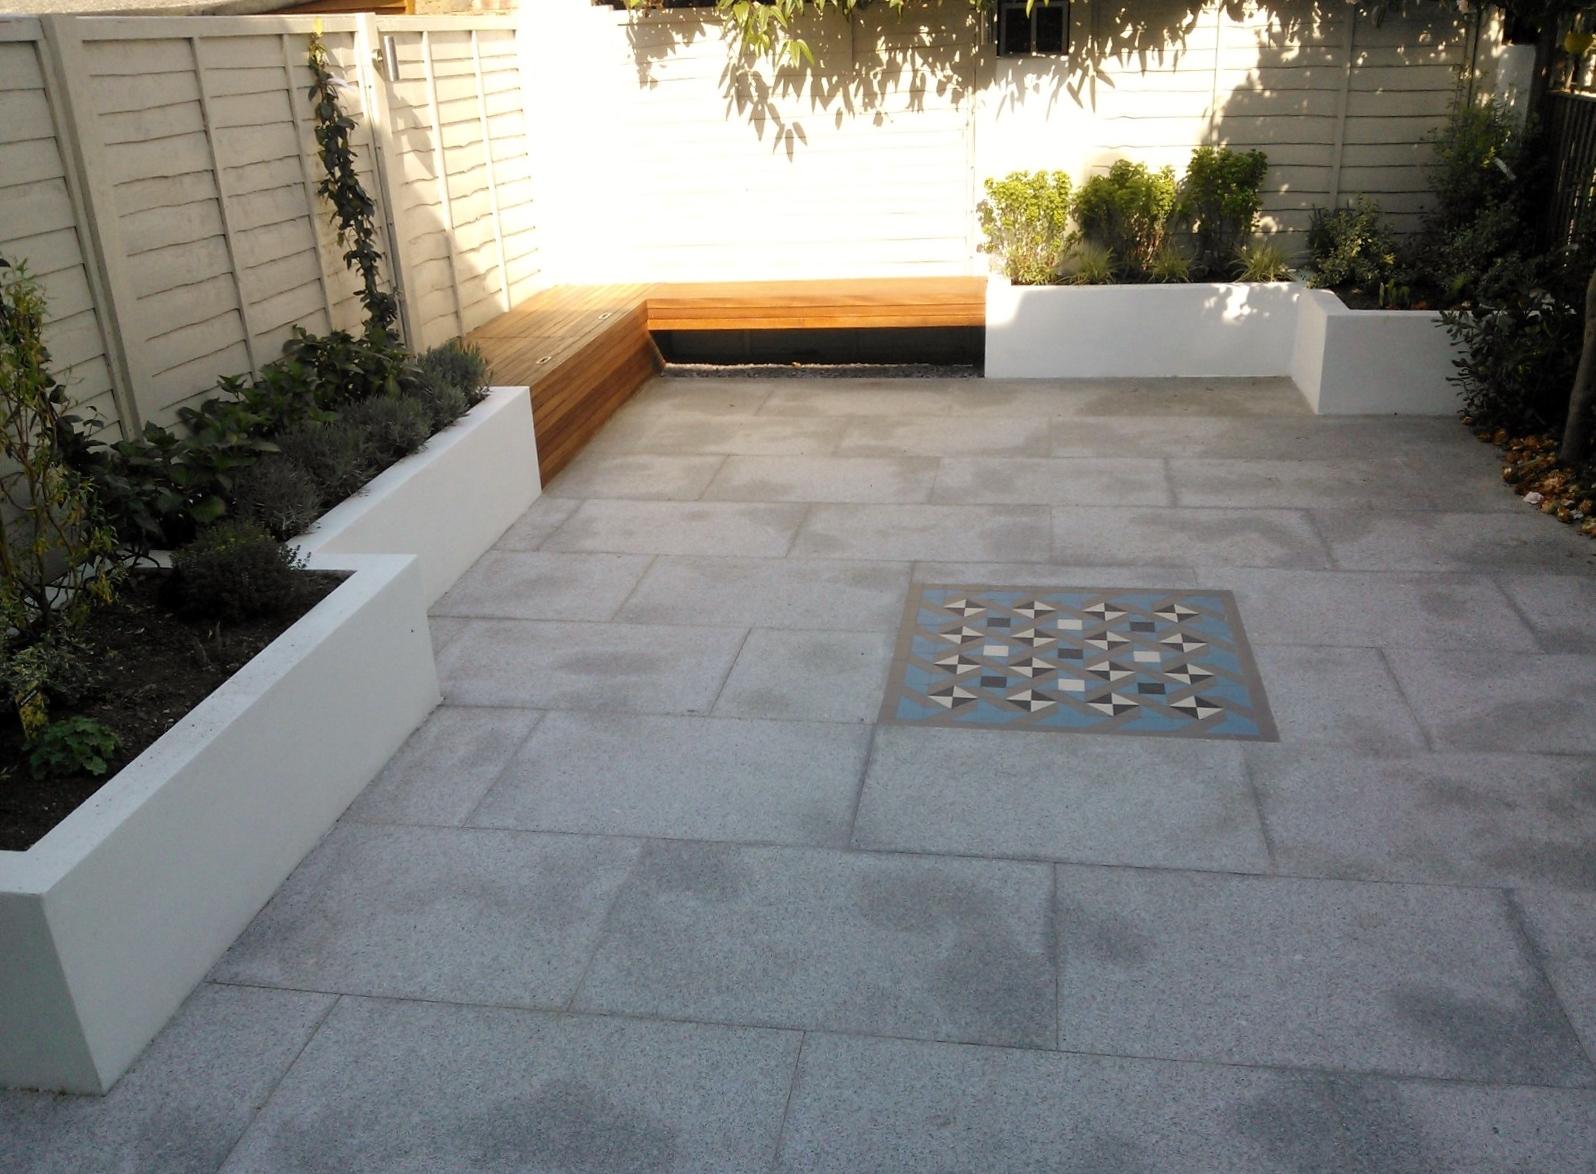 modern garden design london granite paving raised rendered beds